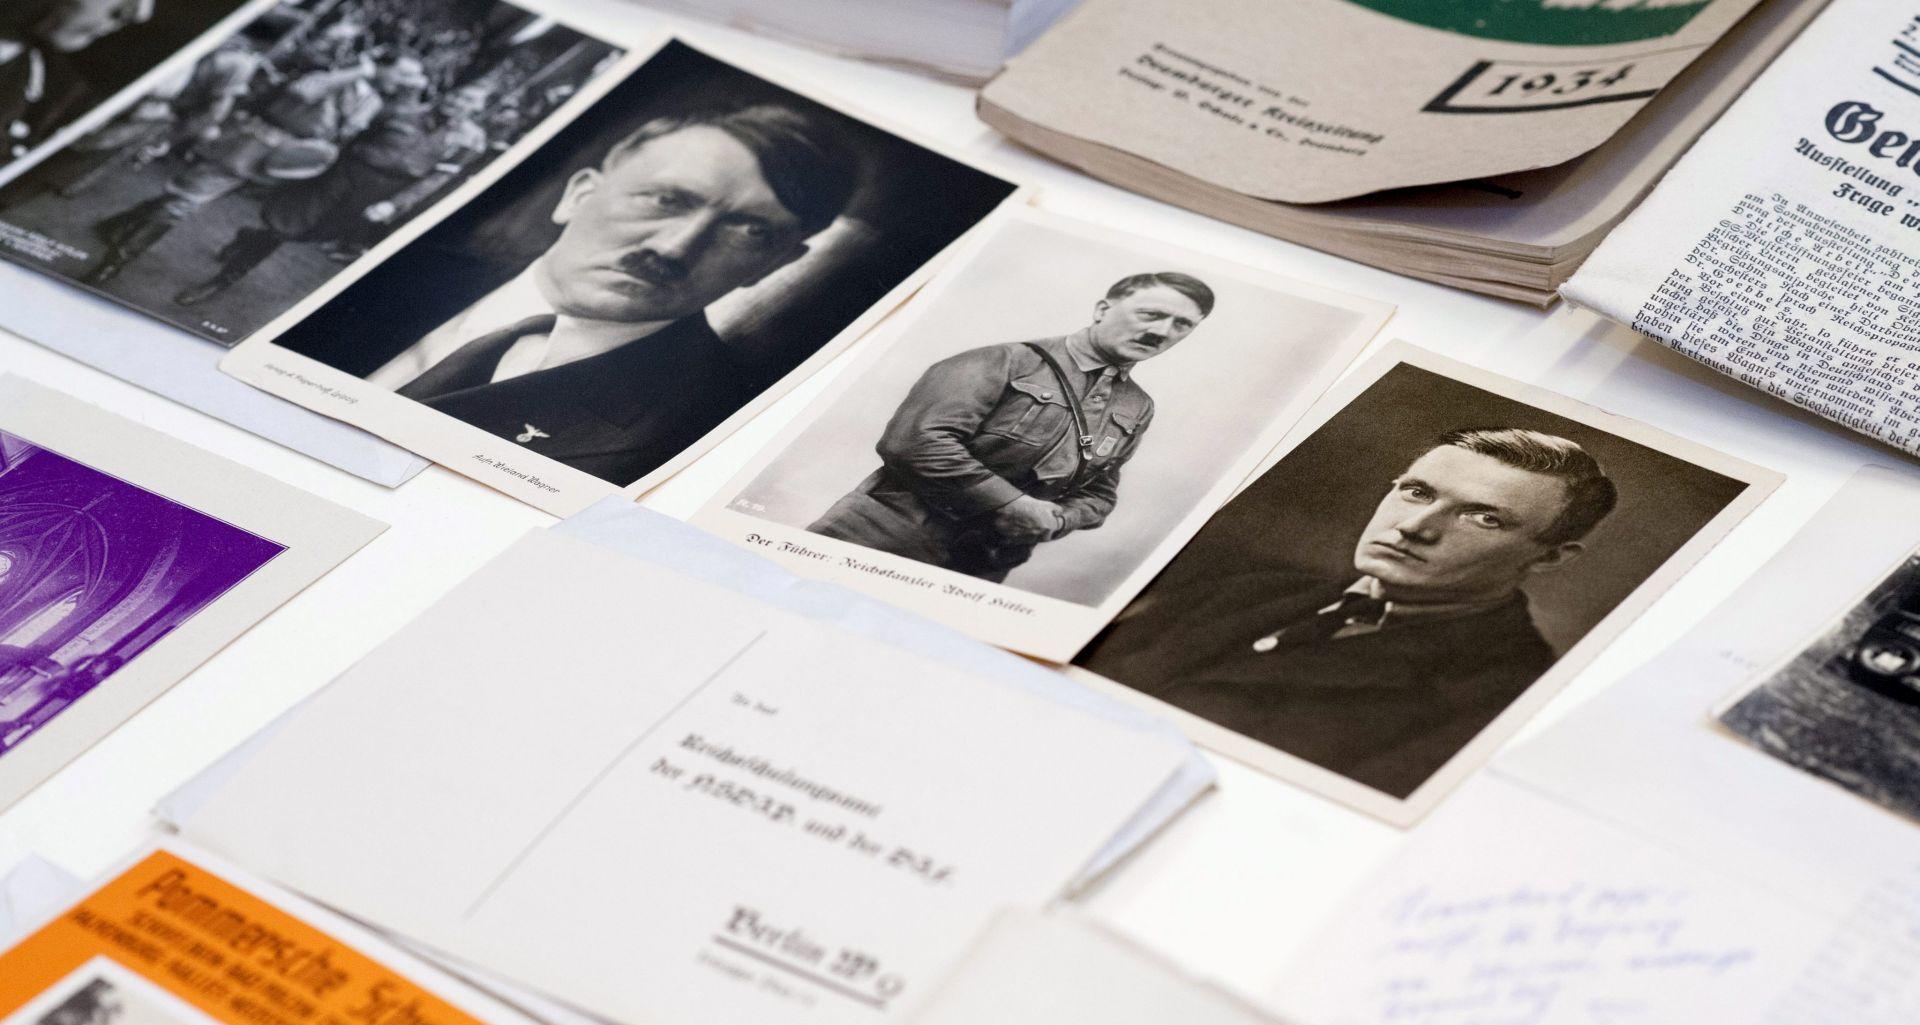 Na aukciji album s dosad neviđenim fotografijama Adolfa Hitlera